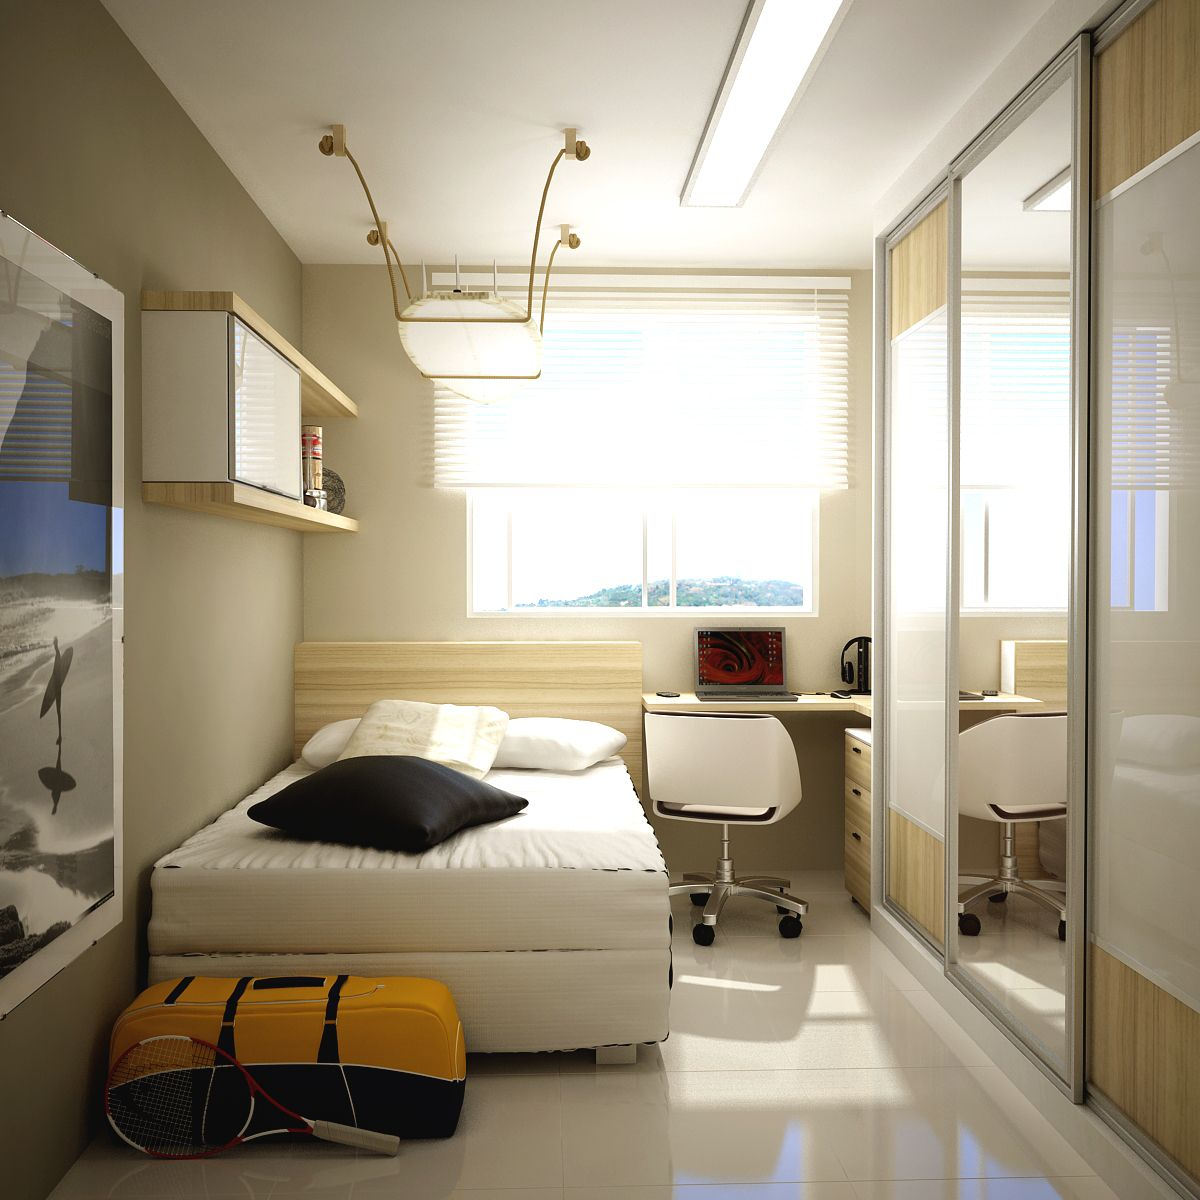 12 ideias aconchegantes e criativas para quartos pequenos for Modelos de apartamentos pequenos